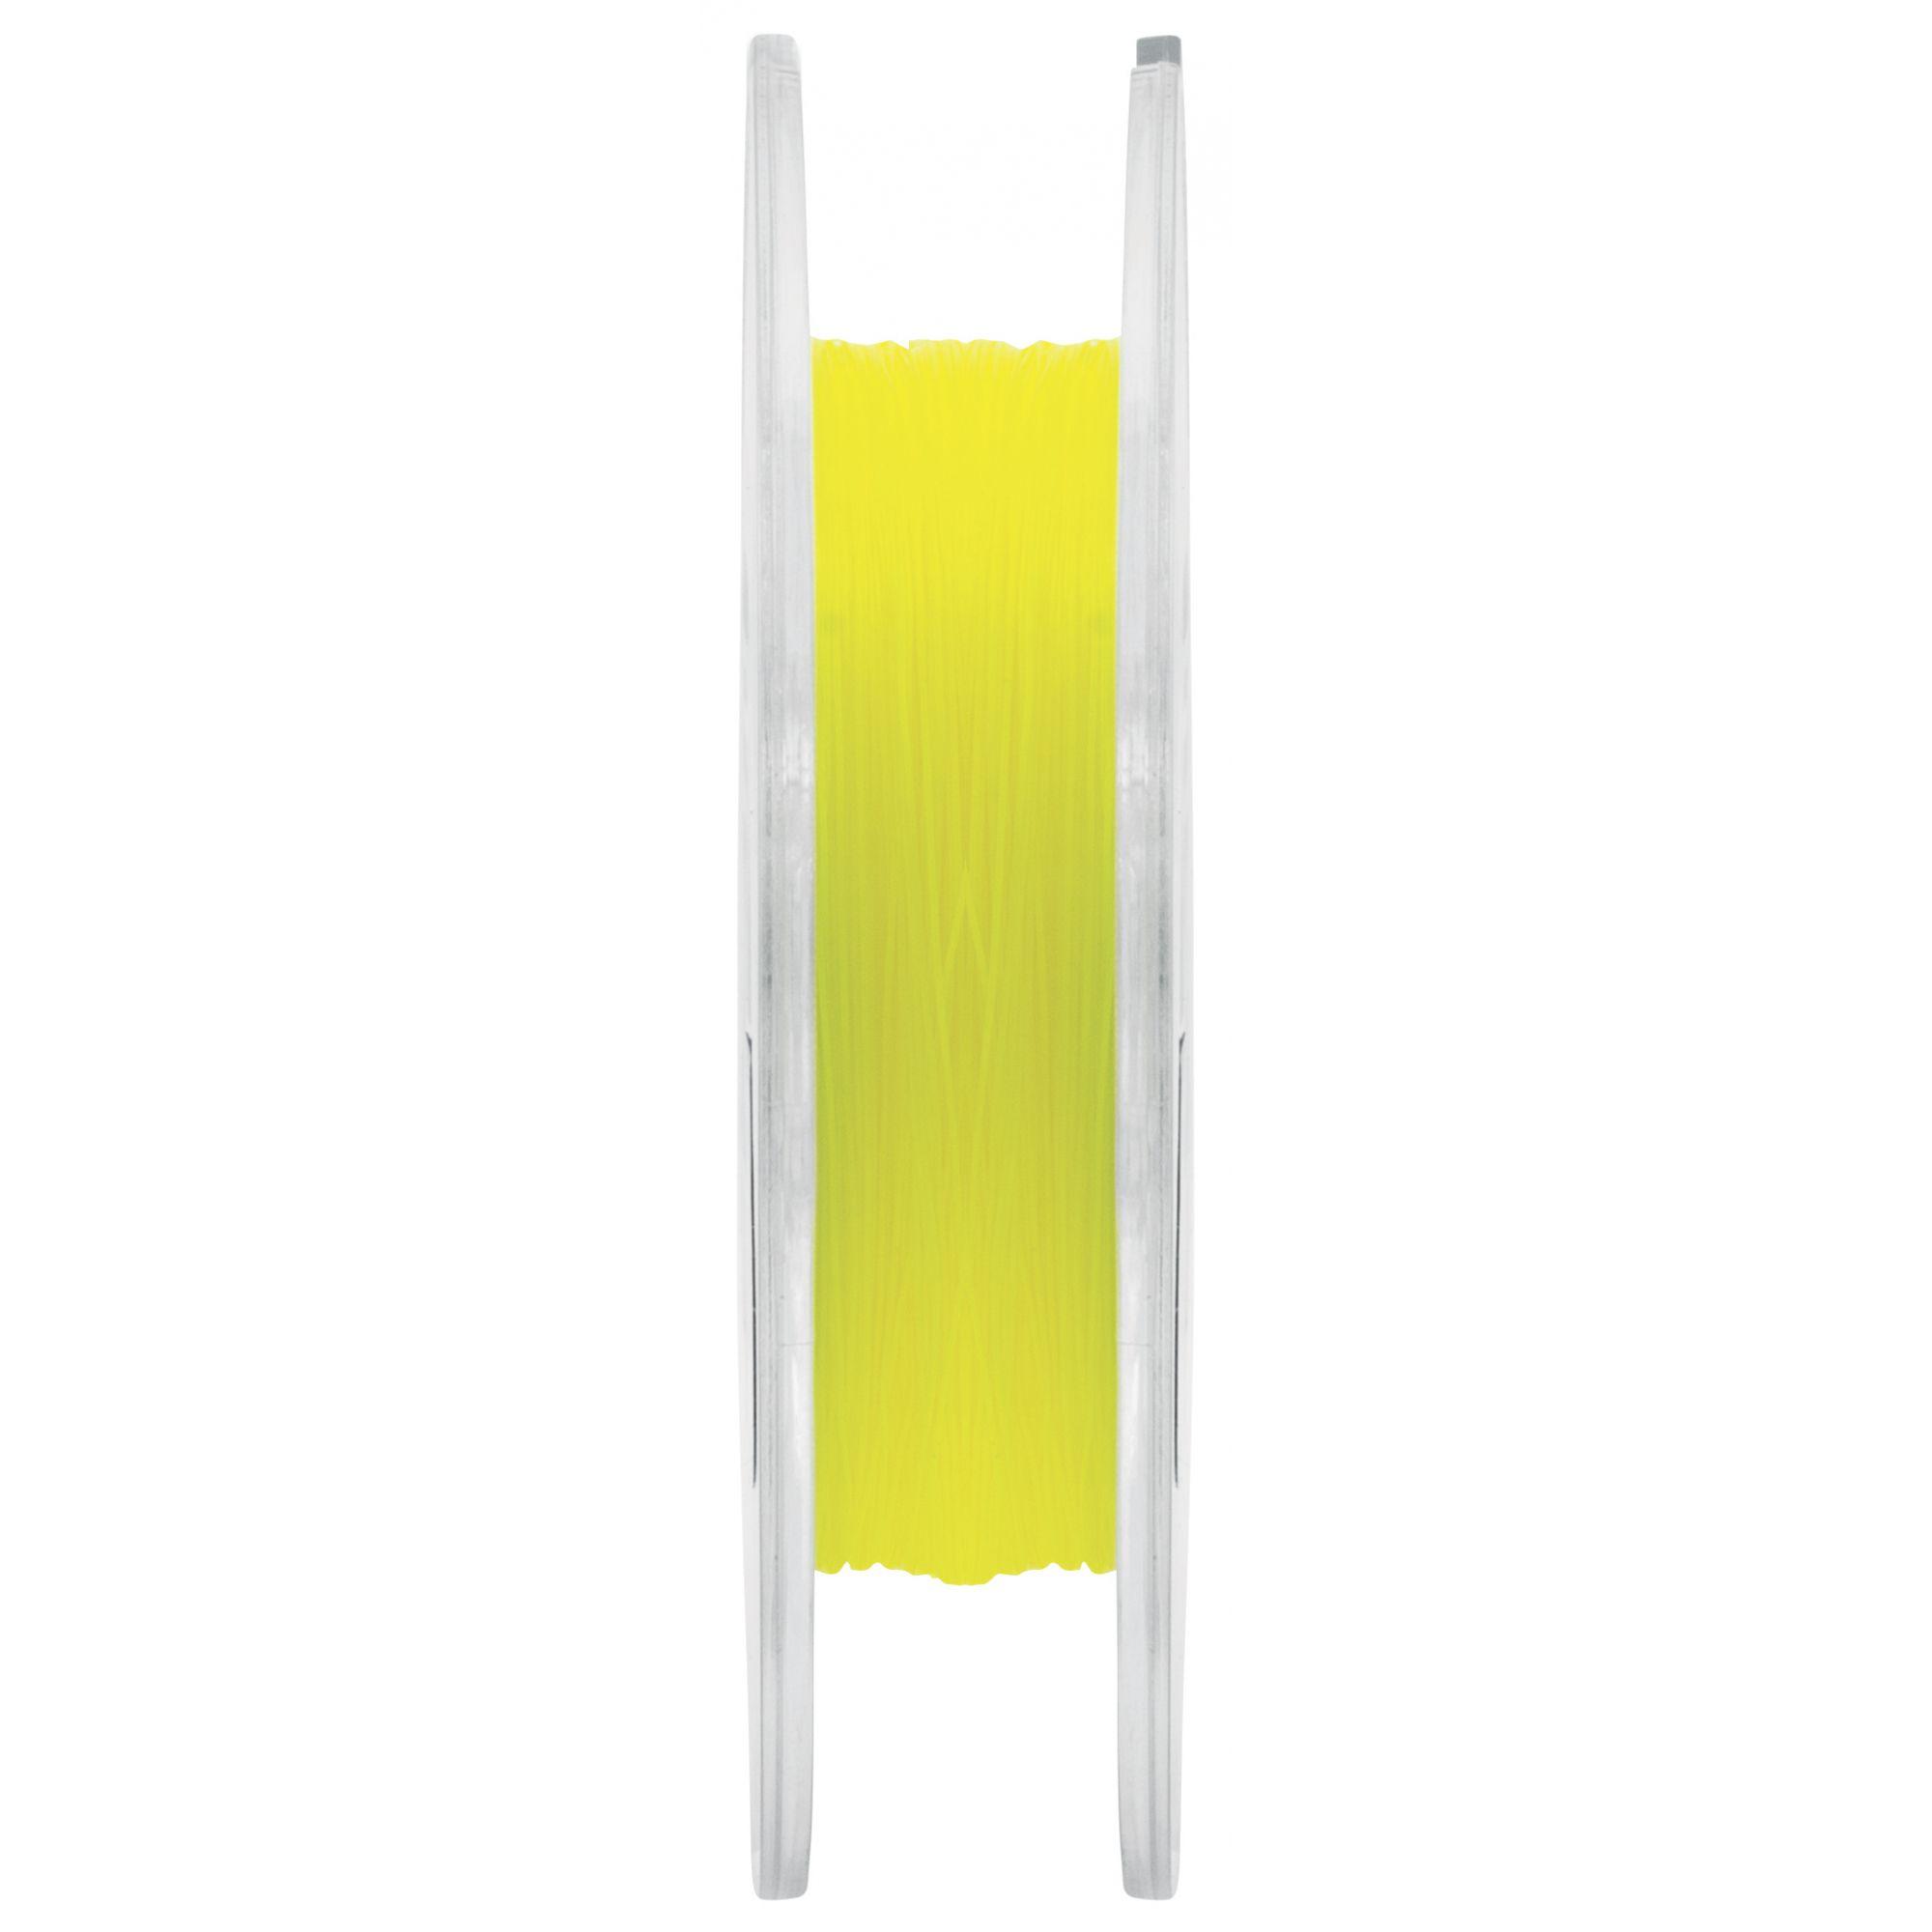 Linha Monofilamento Crown Fiber Soft 0,33mm 22lb/9,96kg - 250 Metros   - Life Pesca - Sua loja de Pesca, Camping e Lazer